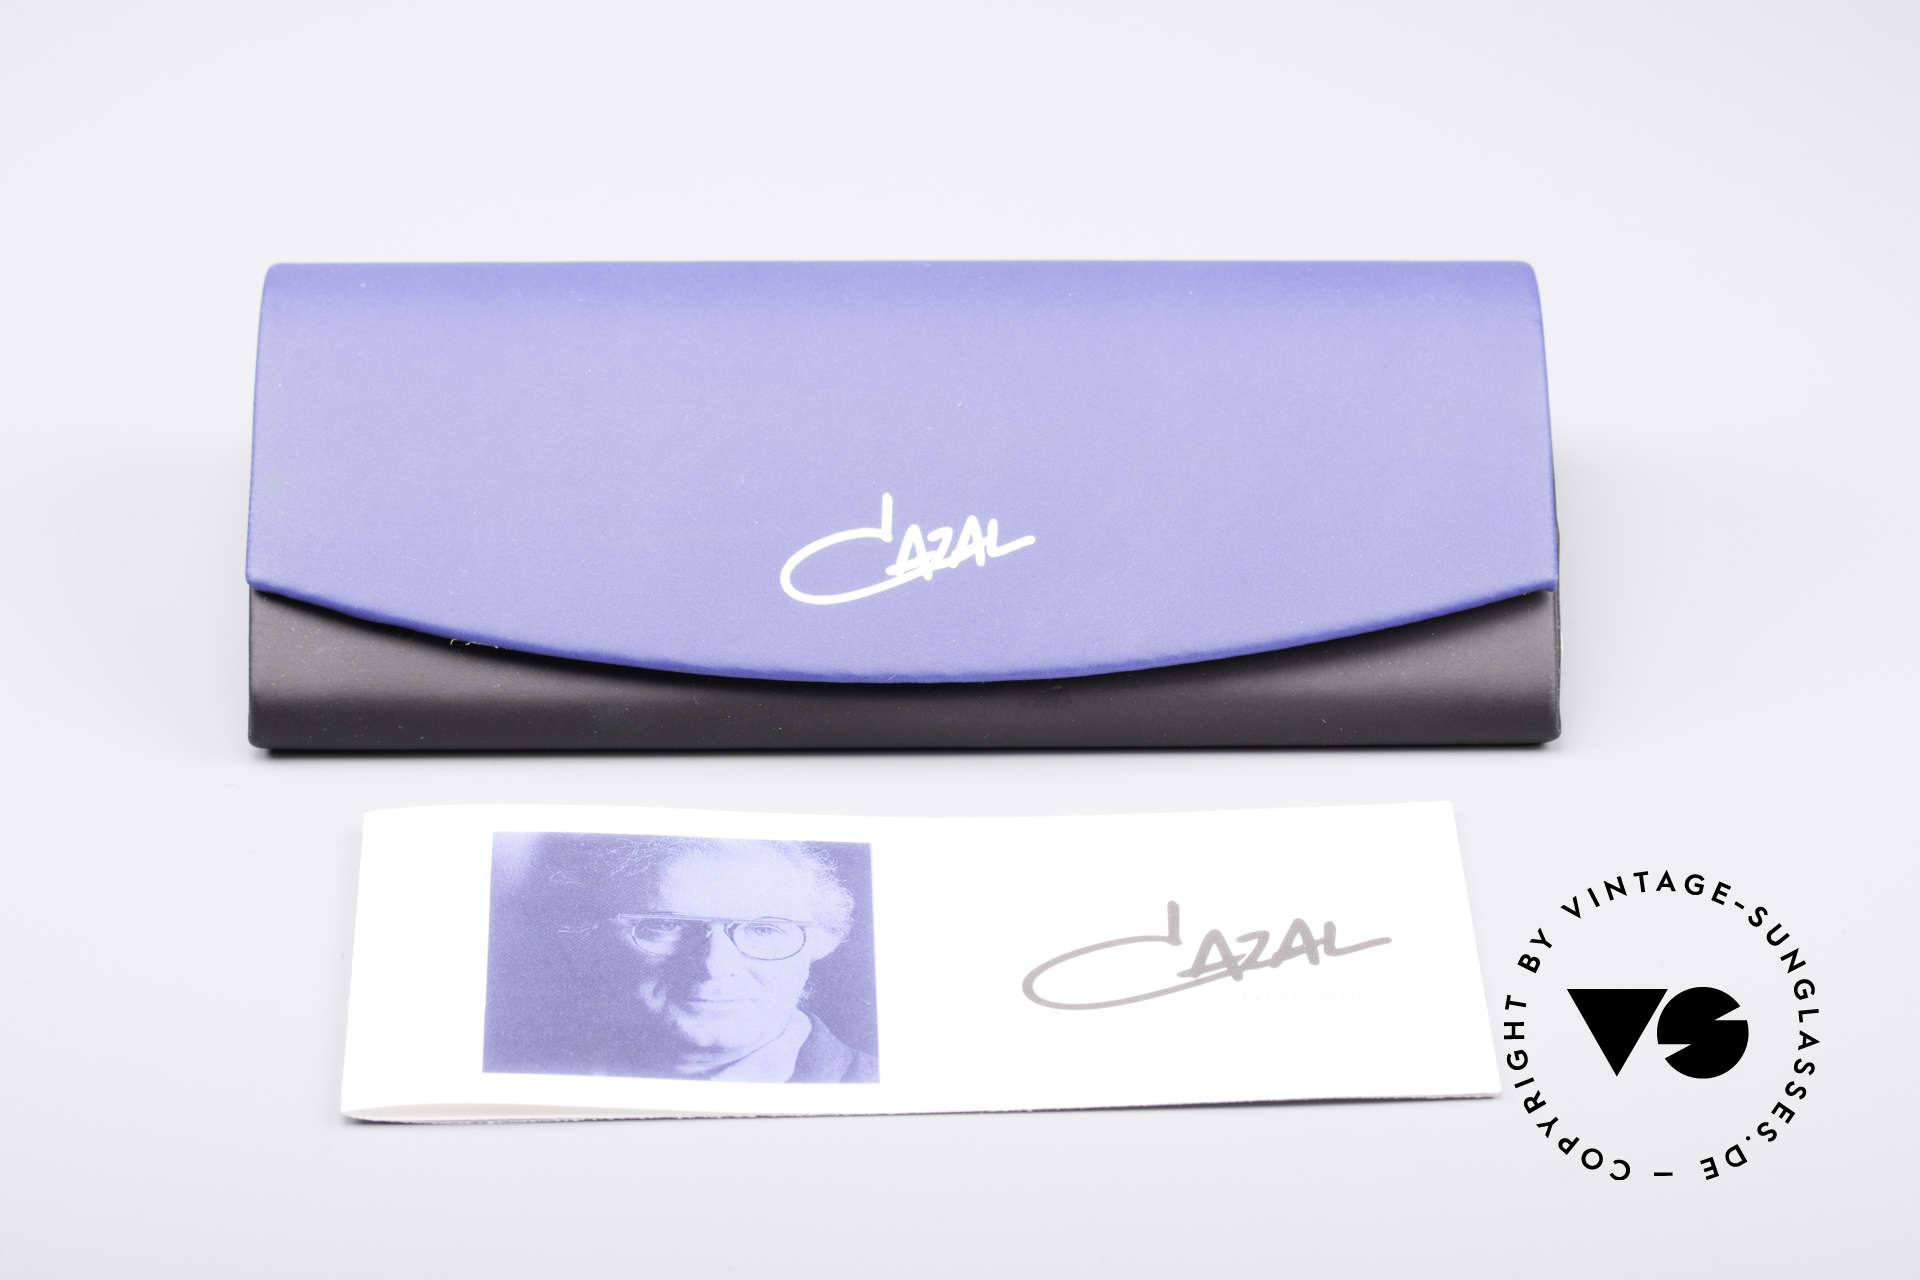 Cazal 959 90er Designer Herrenbrille, KEINE RETRObrille; ein 25 Jahre altes Original!, Passend für Herren